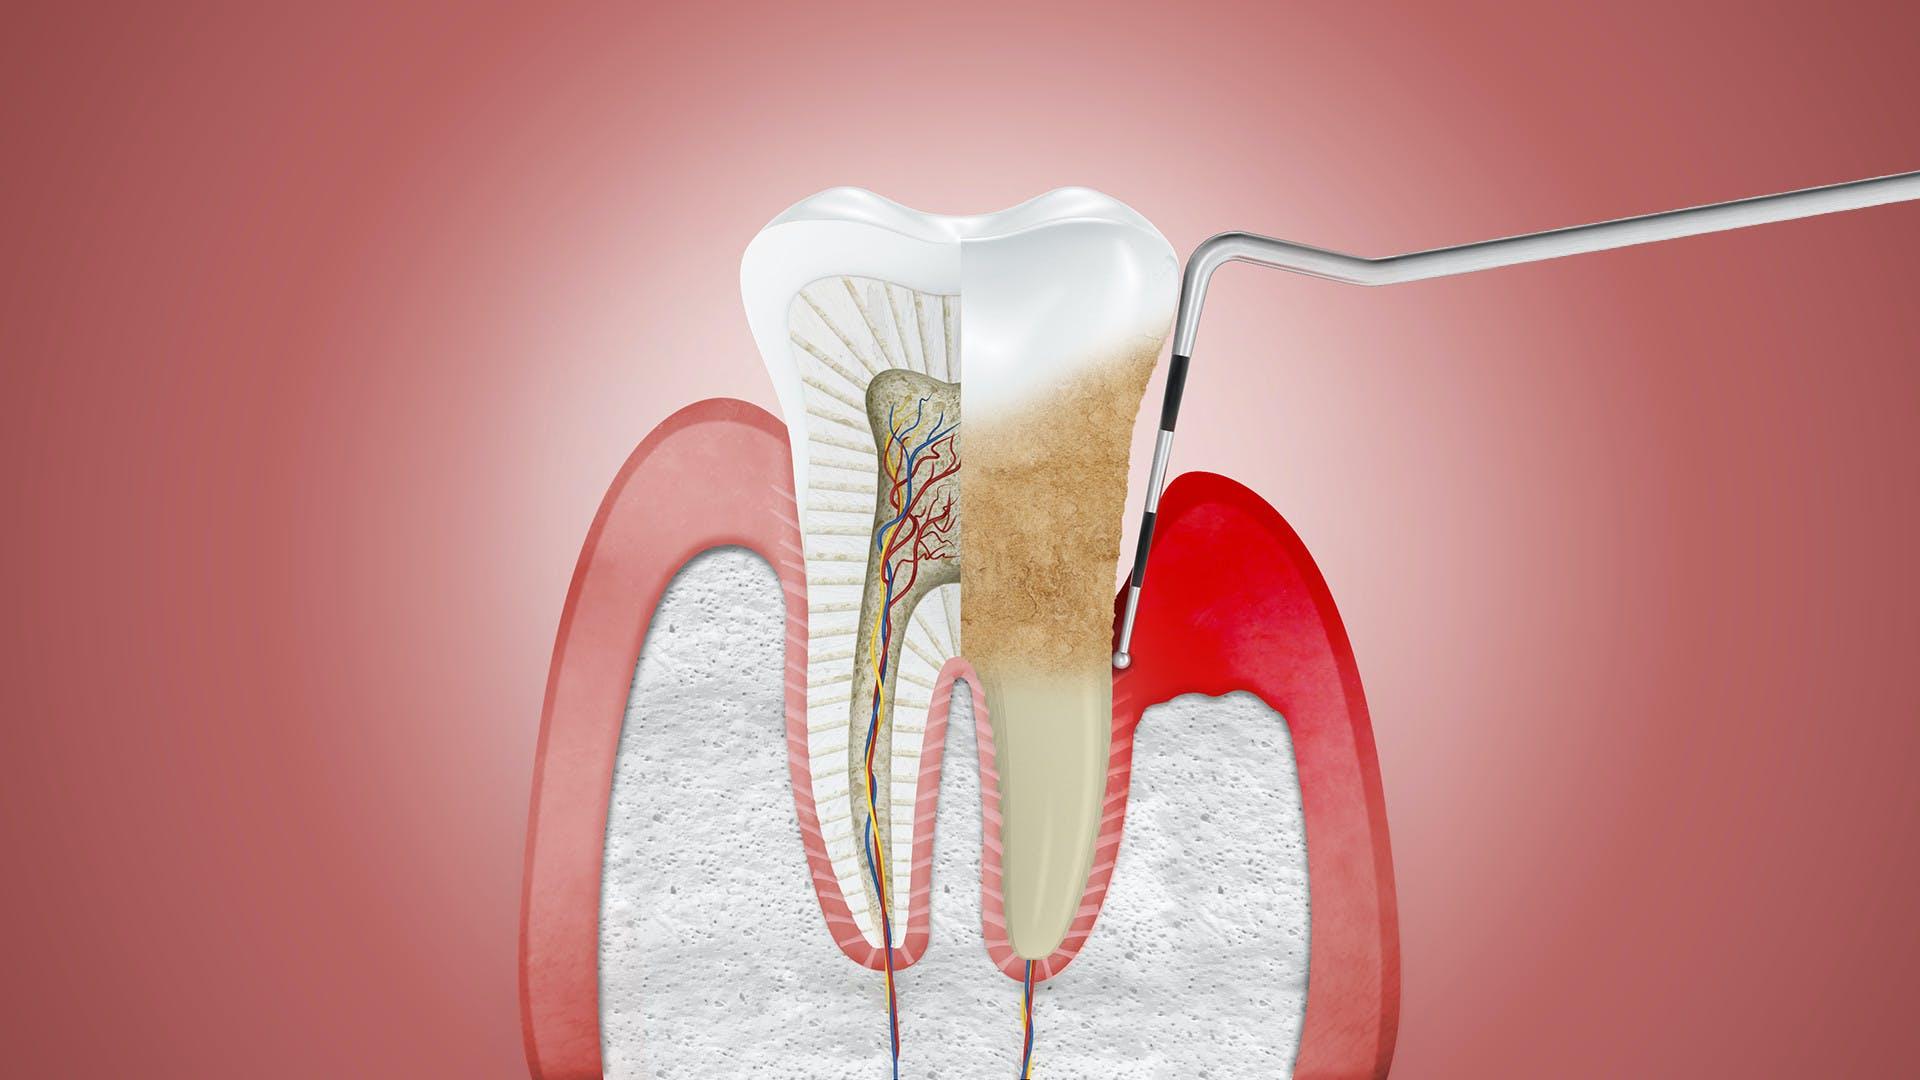 Ilustrace zobrazující dáseň trpící periodontitidou a ošetřovanou dentálním nástrojem